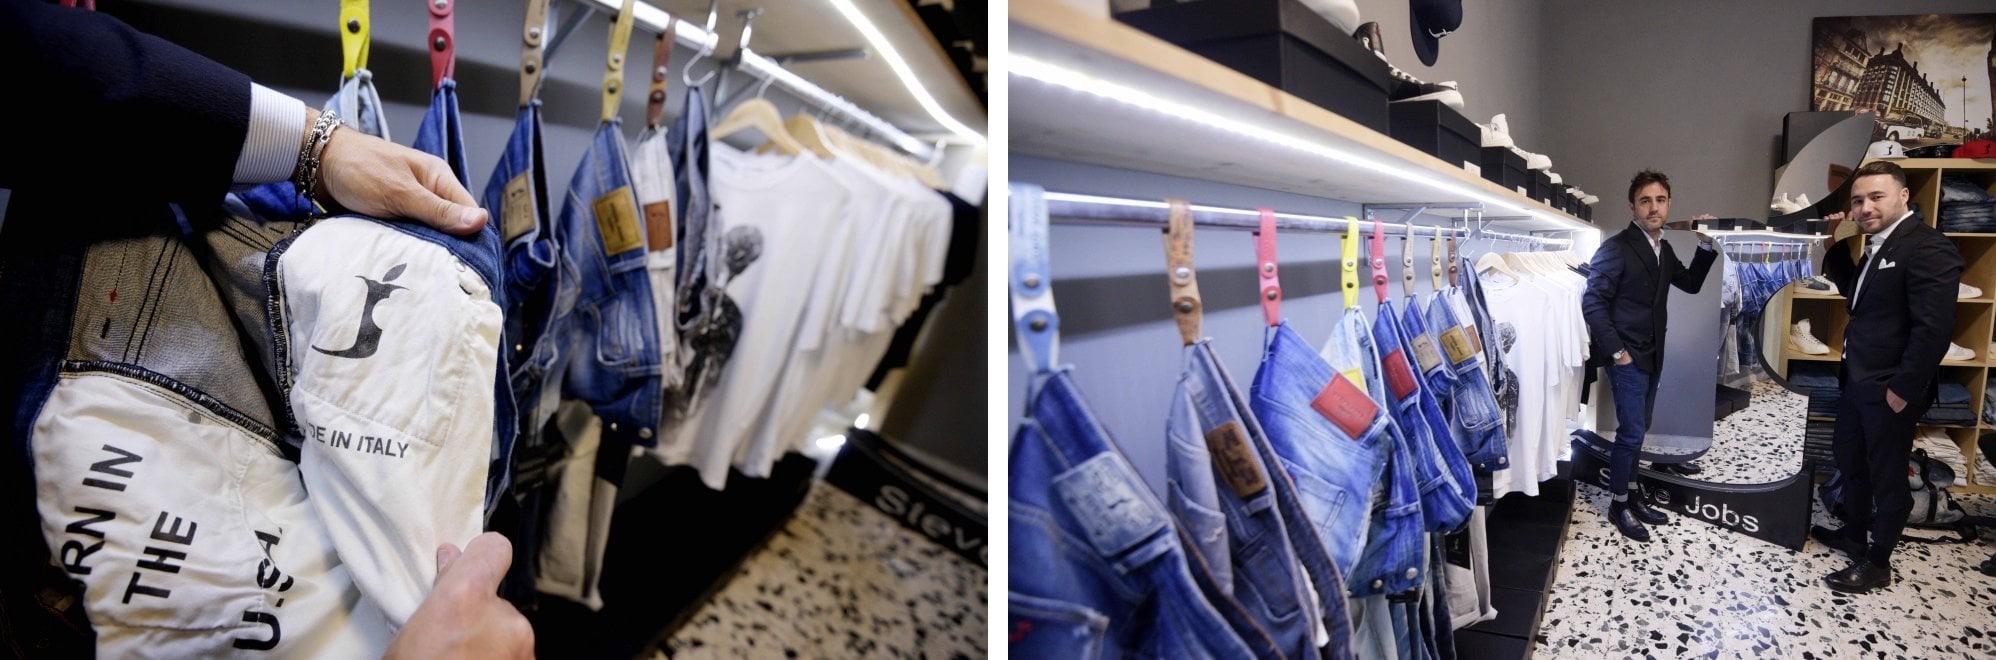 steve jobs kleding 002